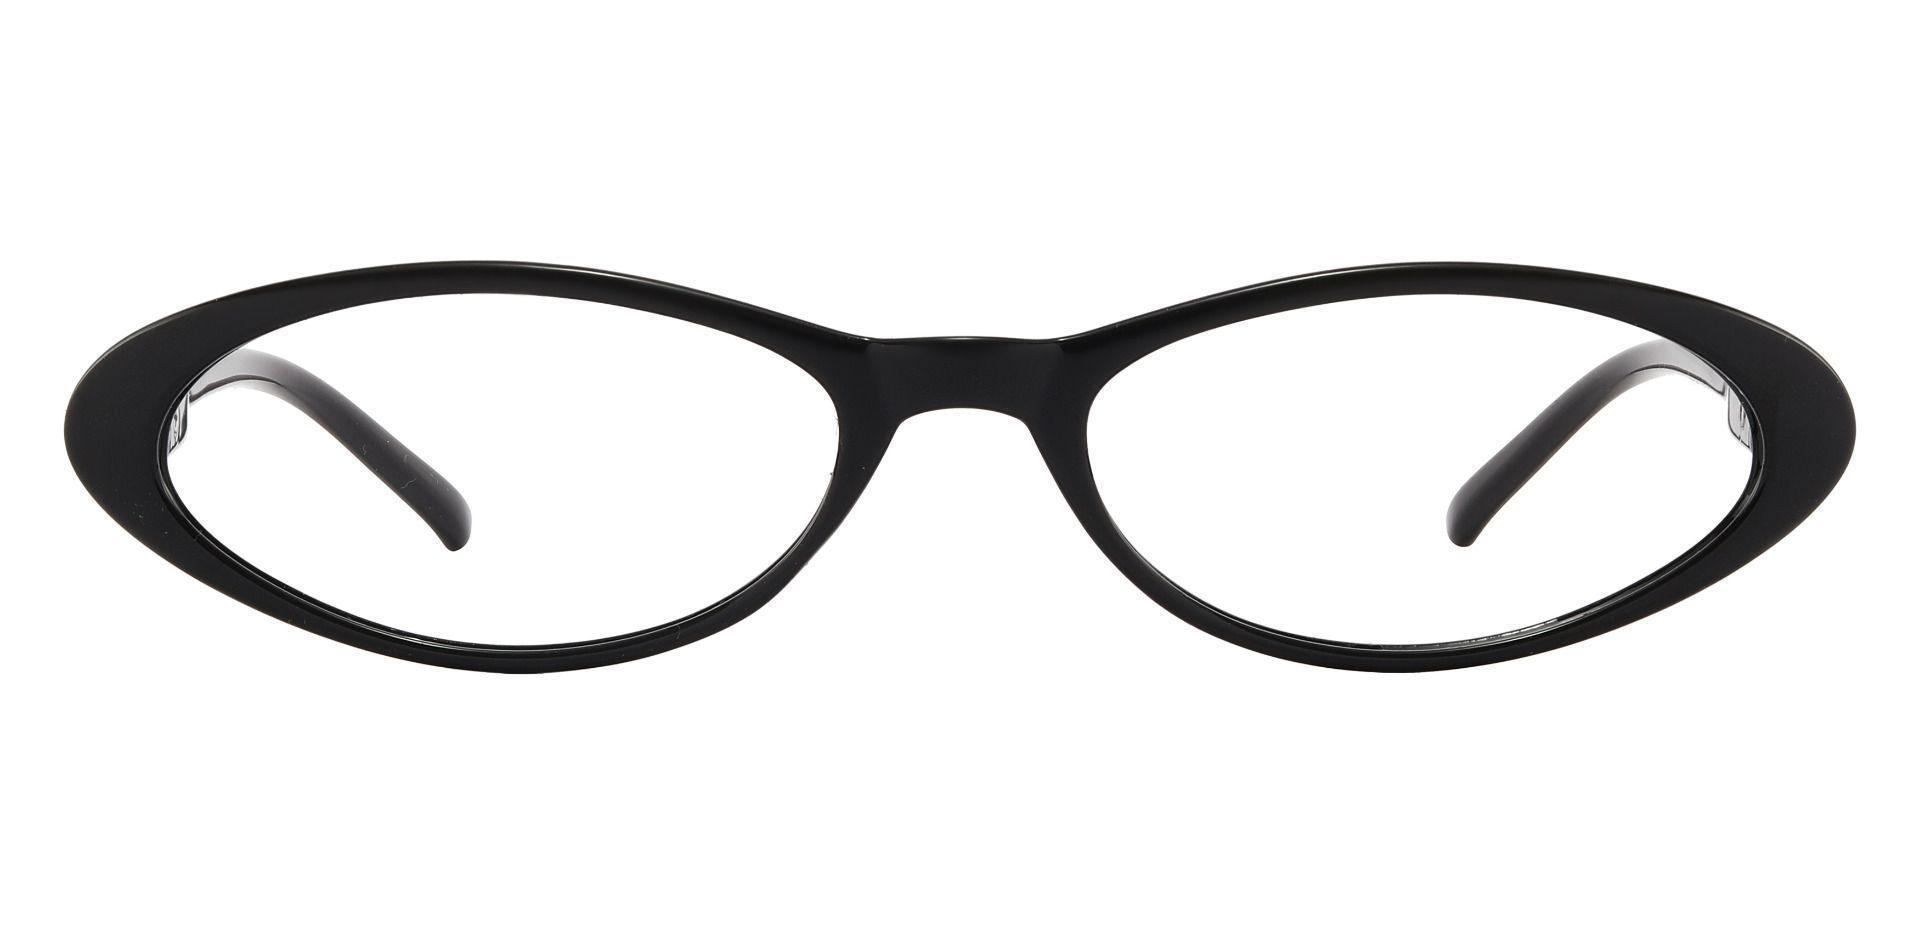 Darcie Cat-Eye Reading Glasses - Shiny Black